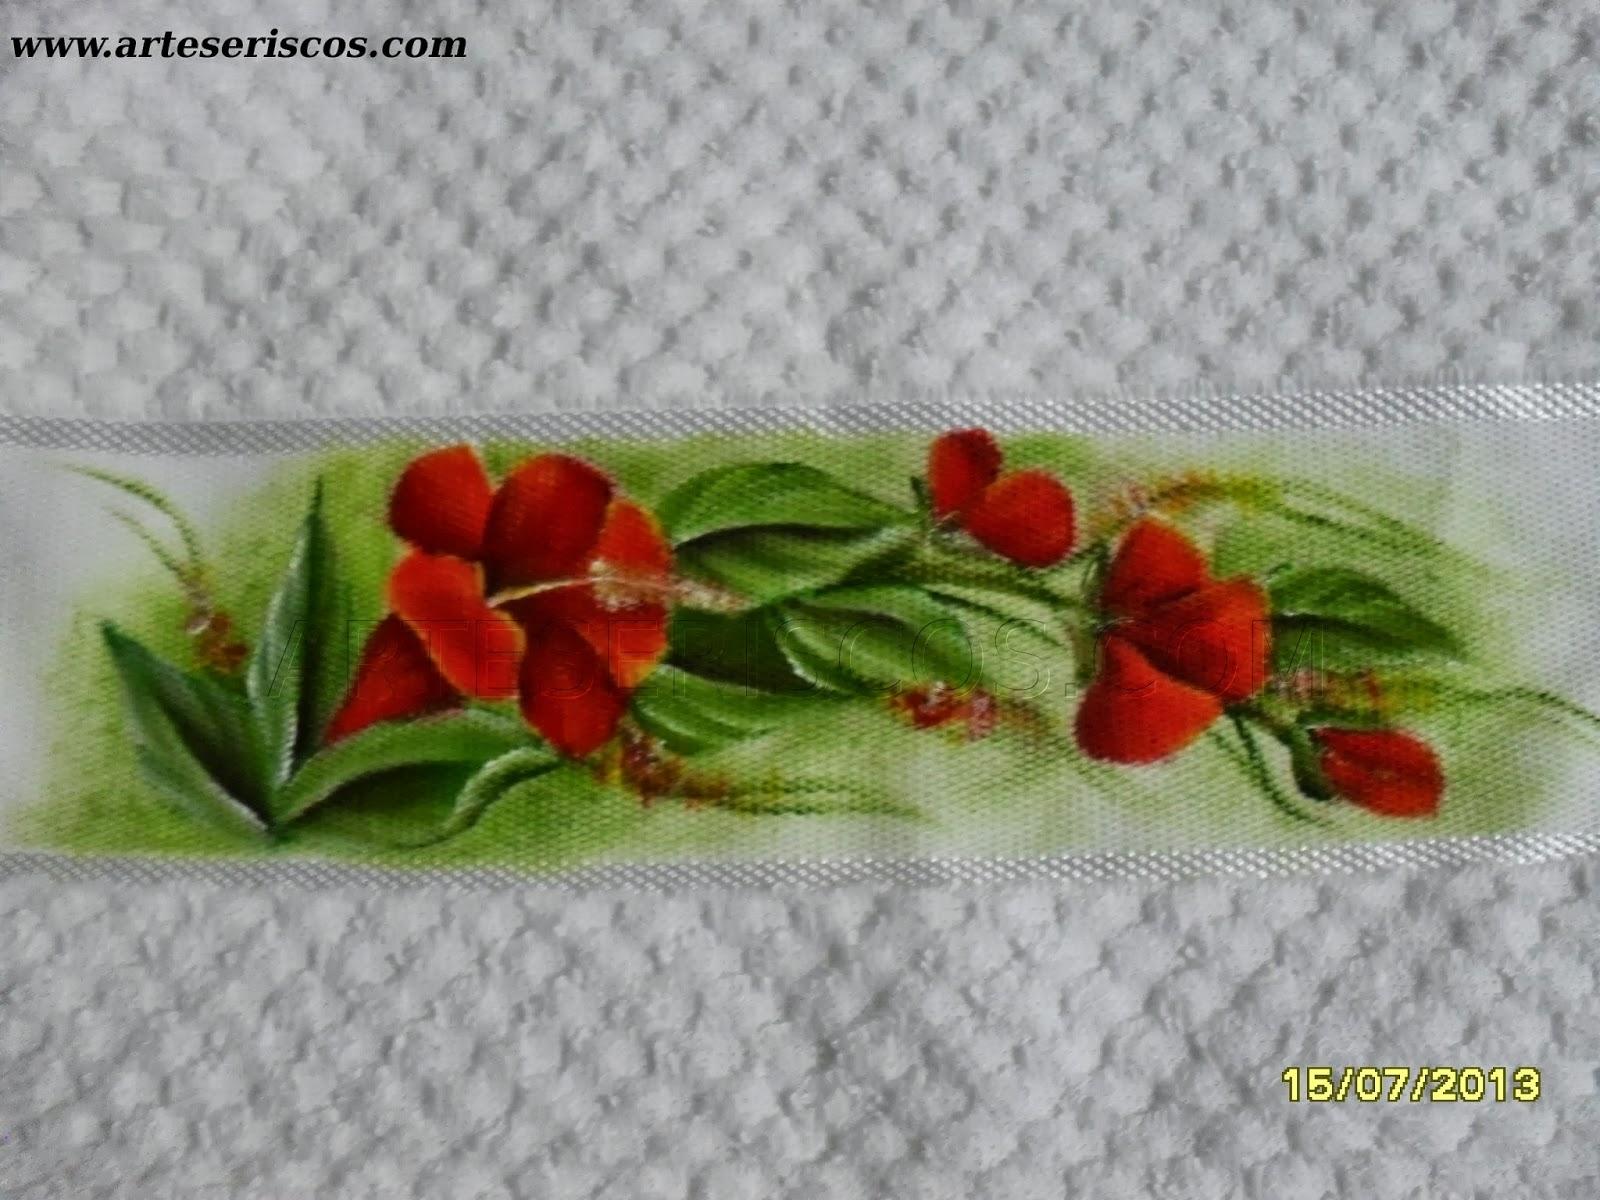 Artes e Riscos: Toalha de Mão: Flores Vermelhas #7C1808 1600x1200